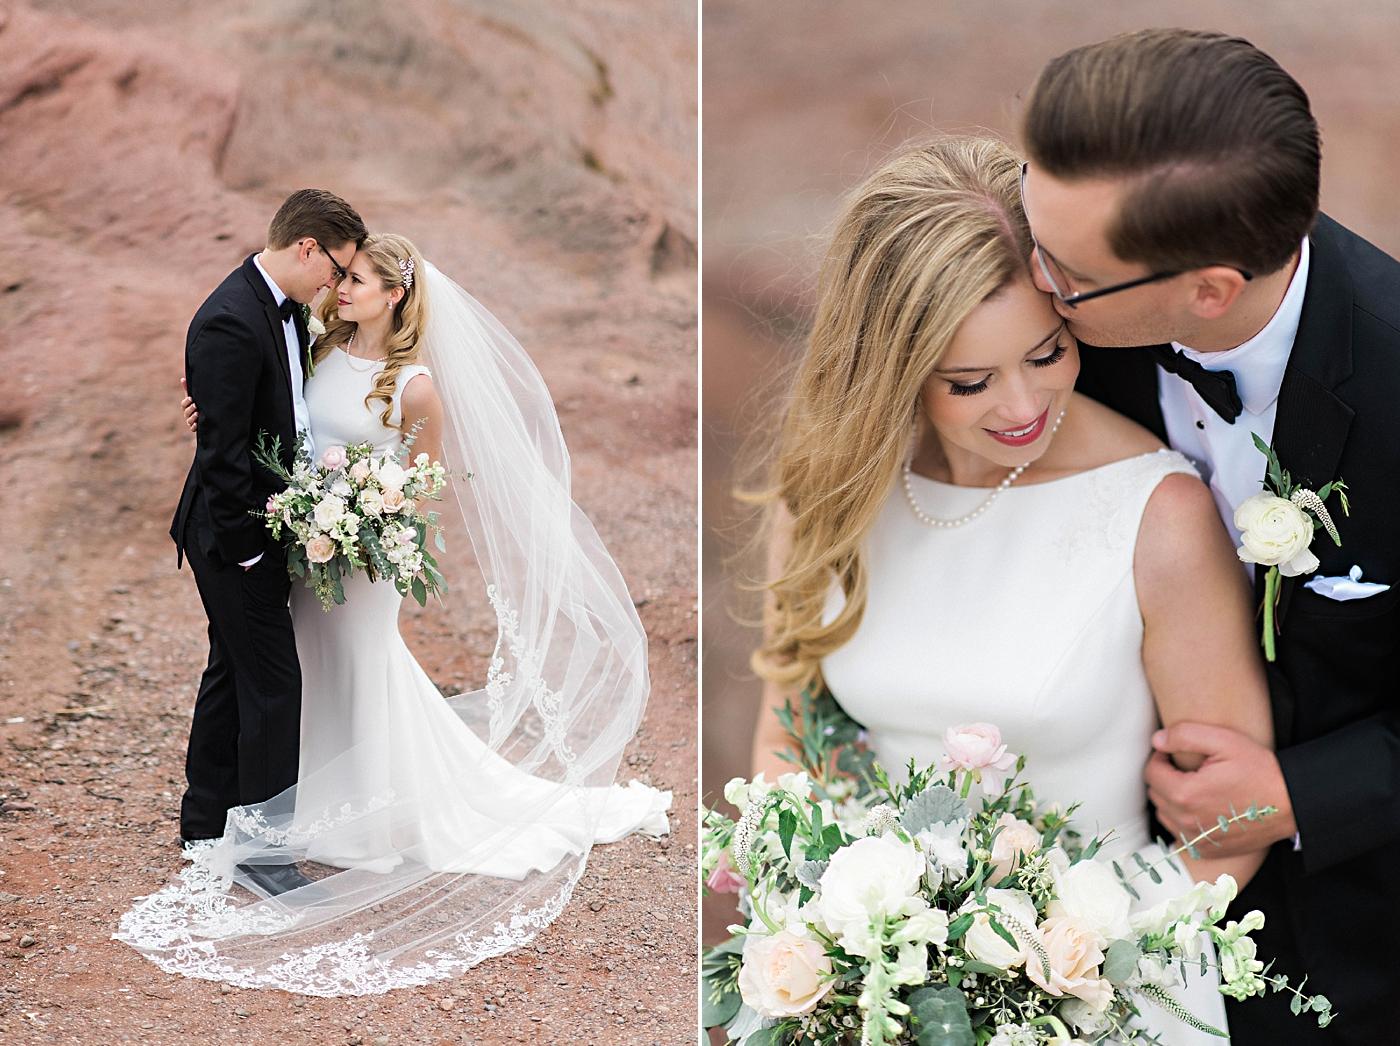 Halifax-Wedding-Photographer-New Brunswick Wedding- Nicolle & Ethan31.jpeg